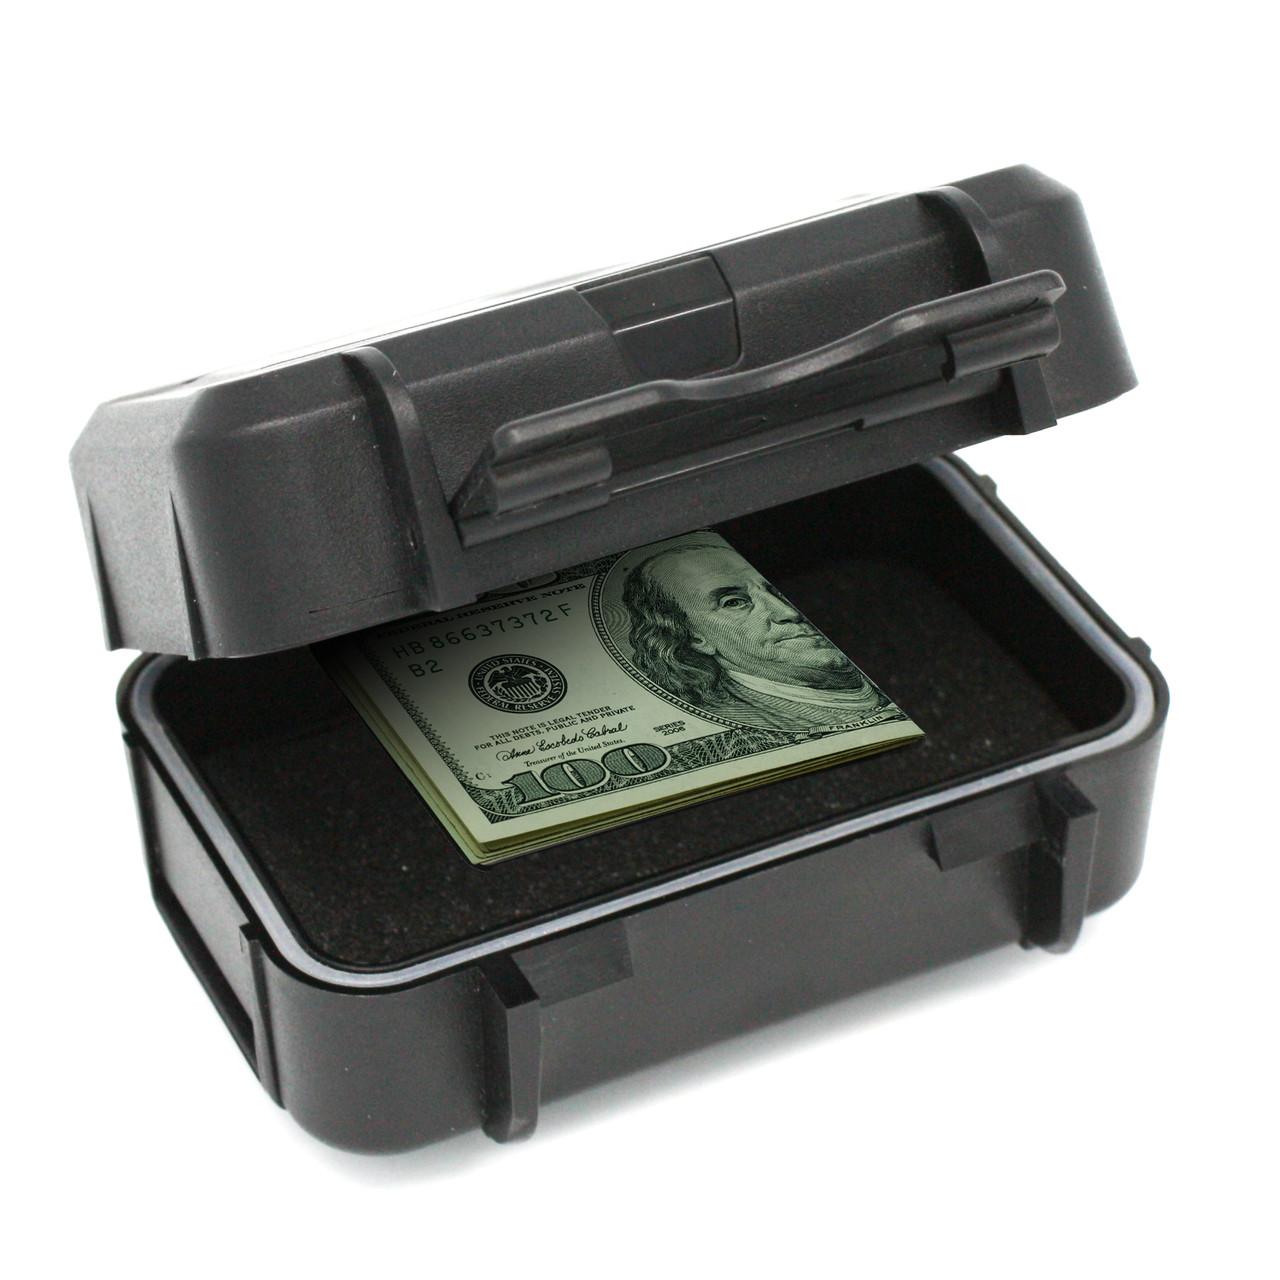 E1090 iTrail® Roc Box Money Inside